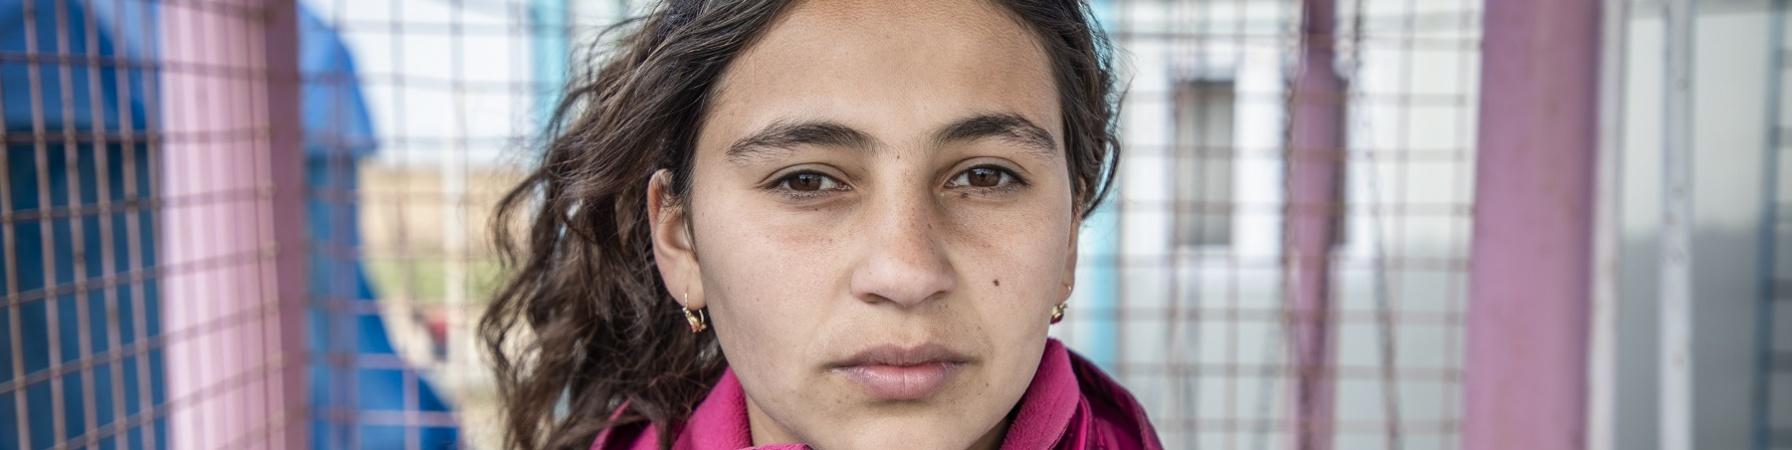 Mezzo busto di una bambina siriana castana in campo per sfollati con giacca rosa